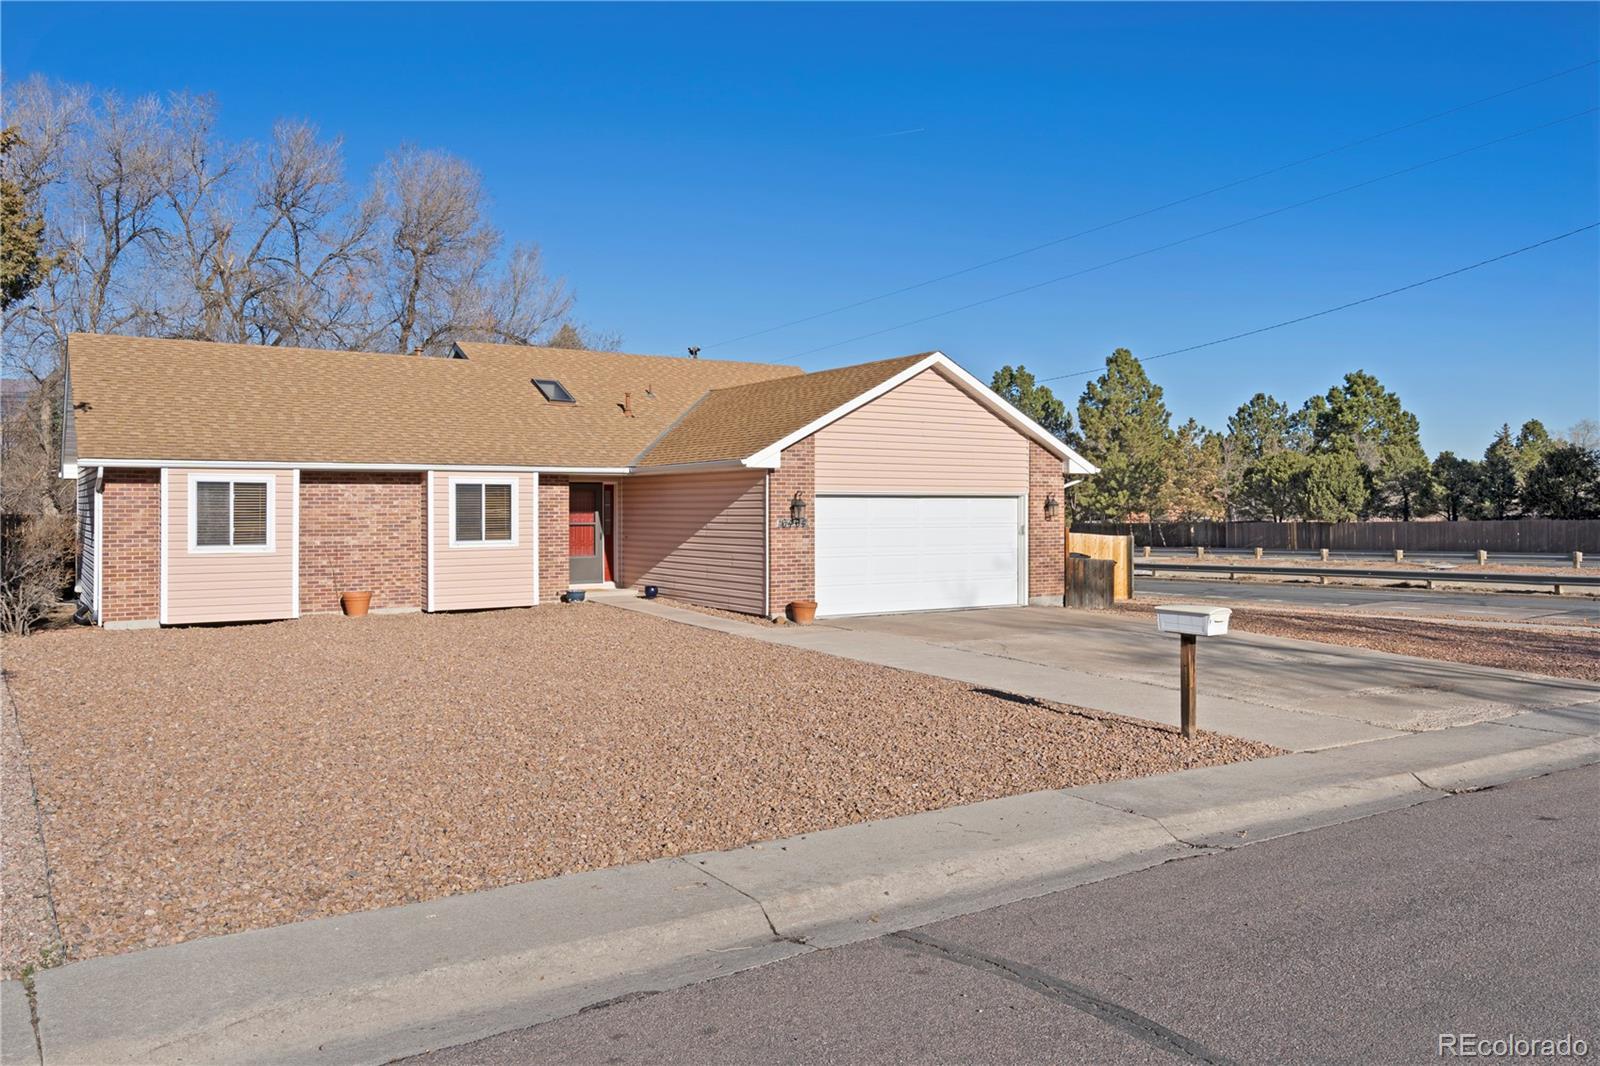 MLS# 1721256 - 26 - 6464 Wicklow Circle, Colorado Springs, CO 80918